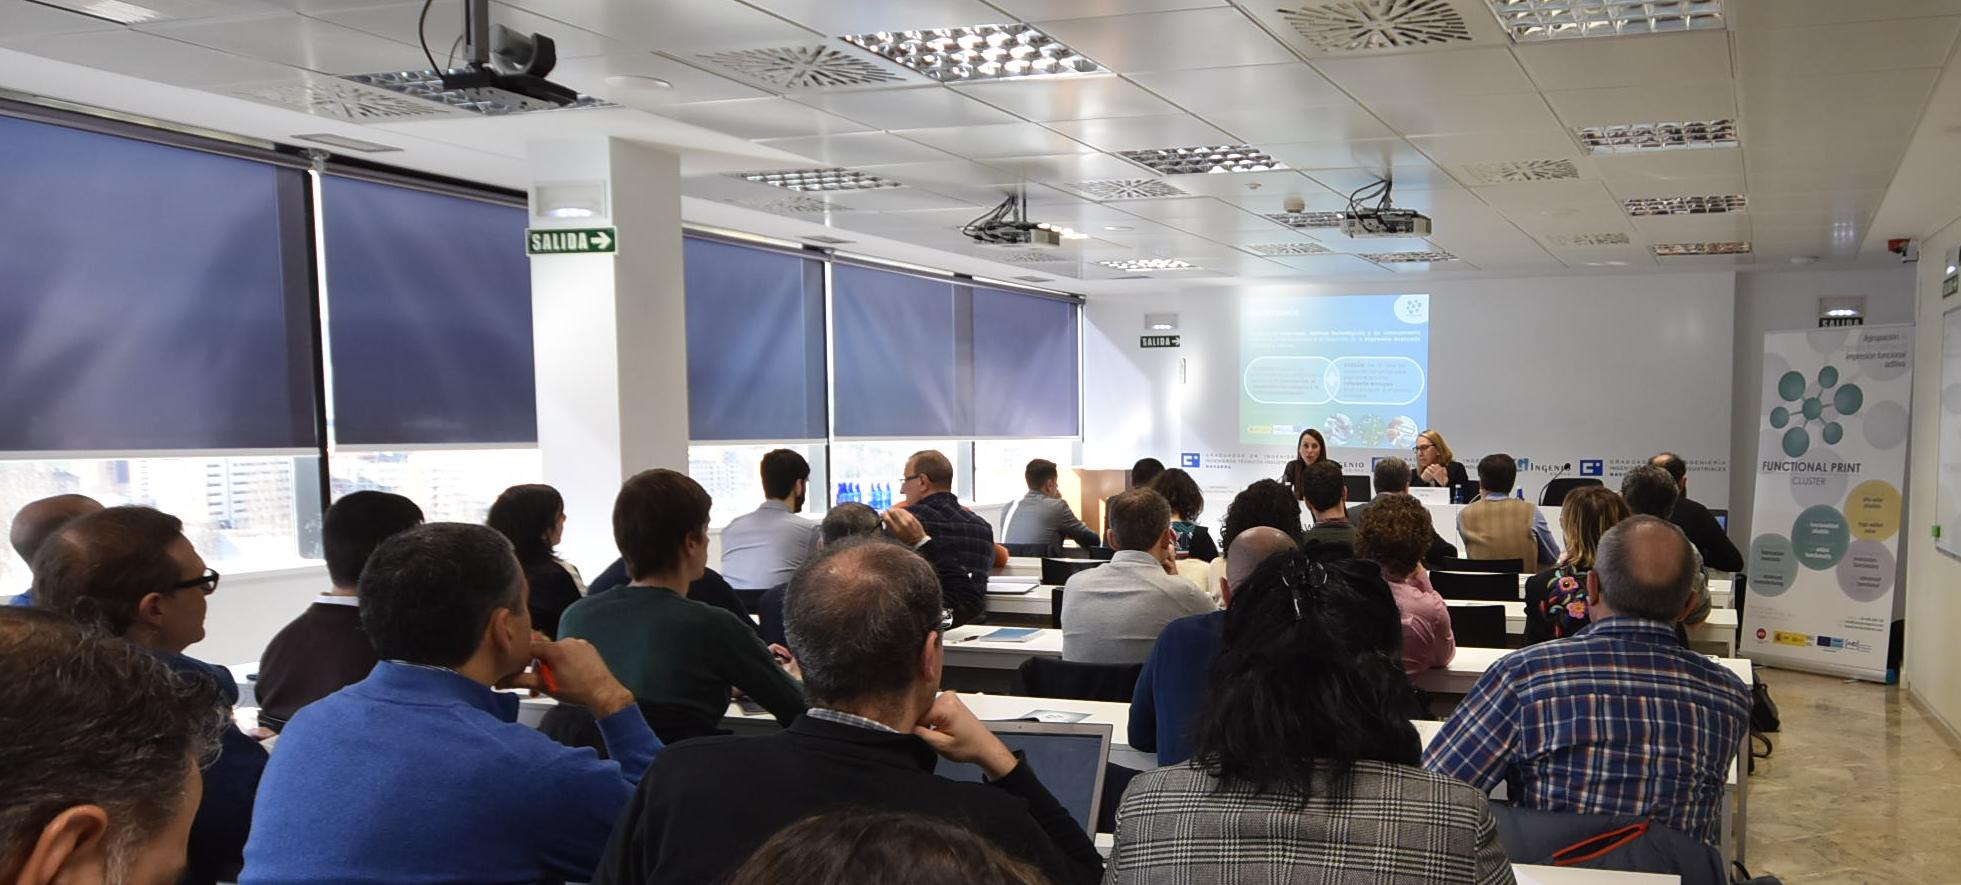 La directora gerente del SNE-NL, Paz Fernández, expone el plan para fomentar el uso de la impresión aditiva (3D).